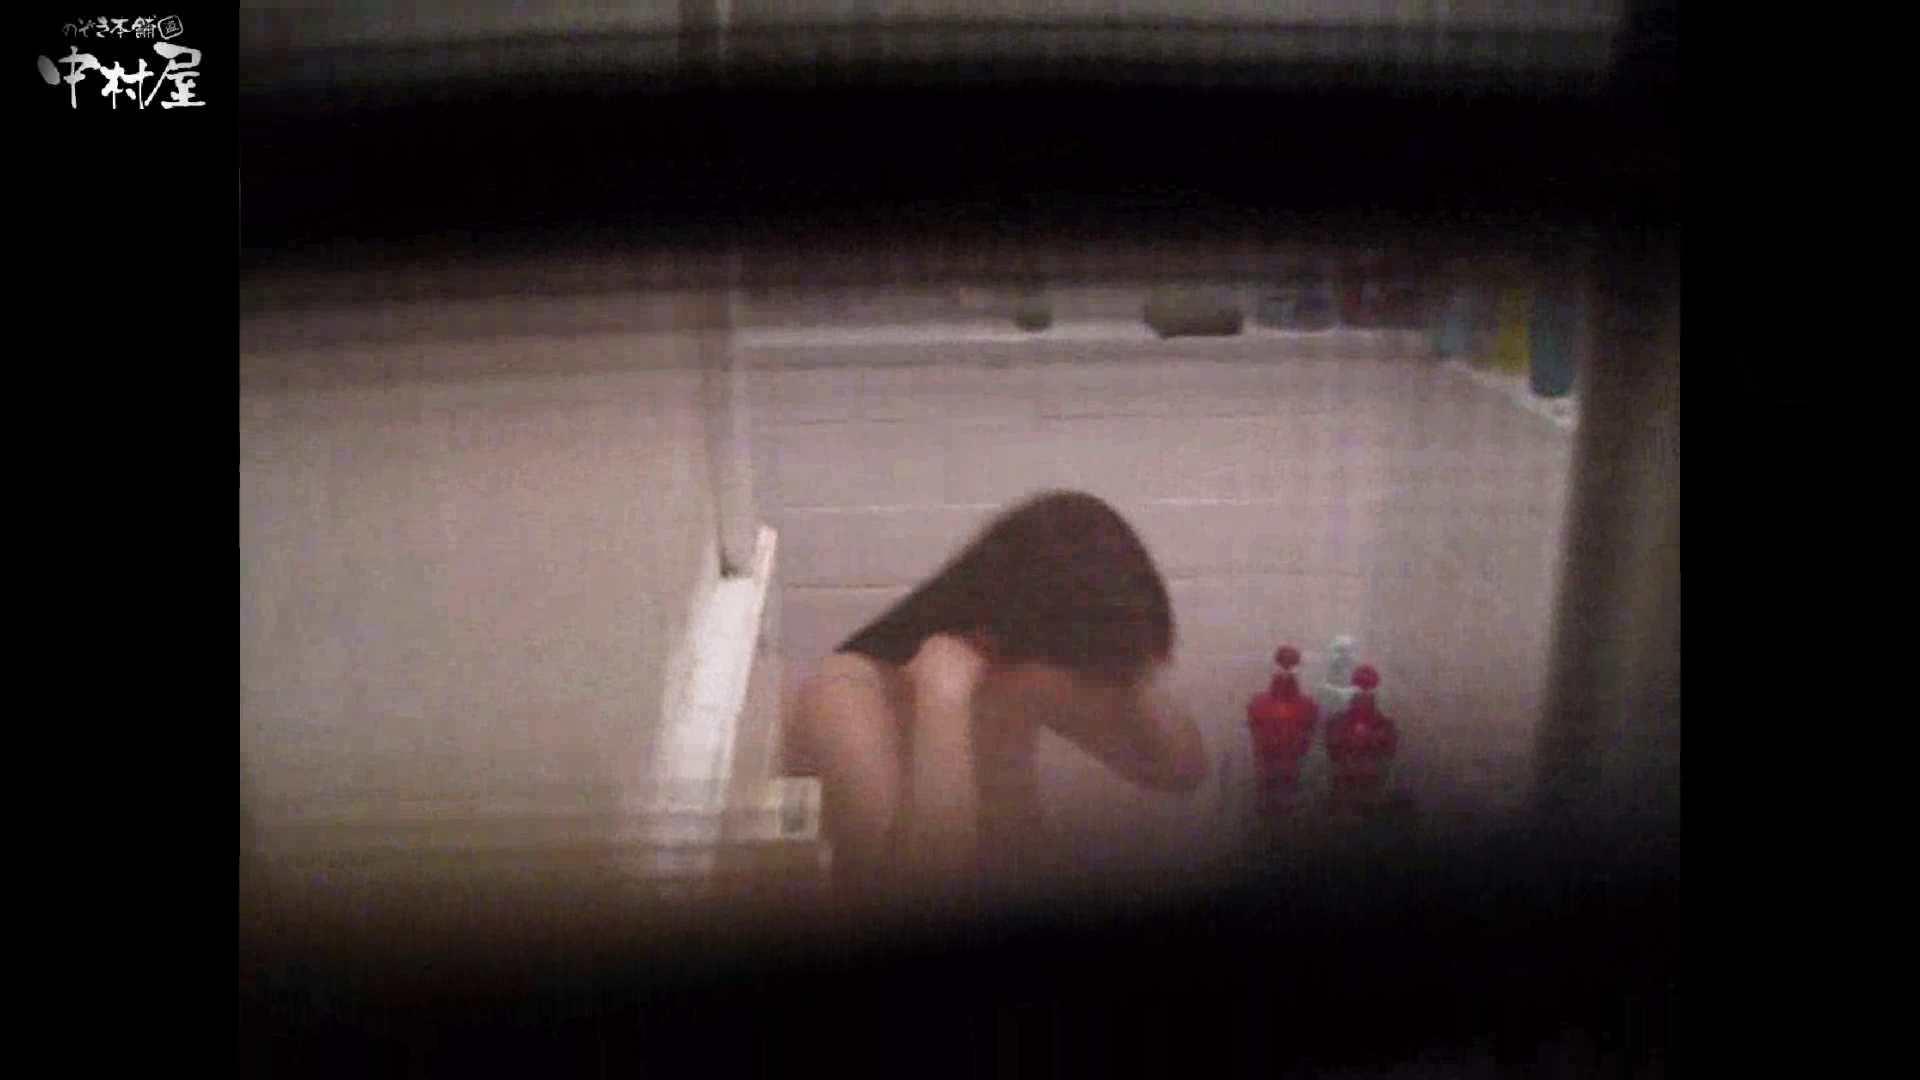 民家風呂専門盗撮師の超危険映像 vol.017 美女ヌード AV無料動画キャプチャ 87画像 52